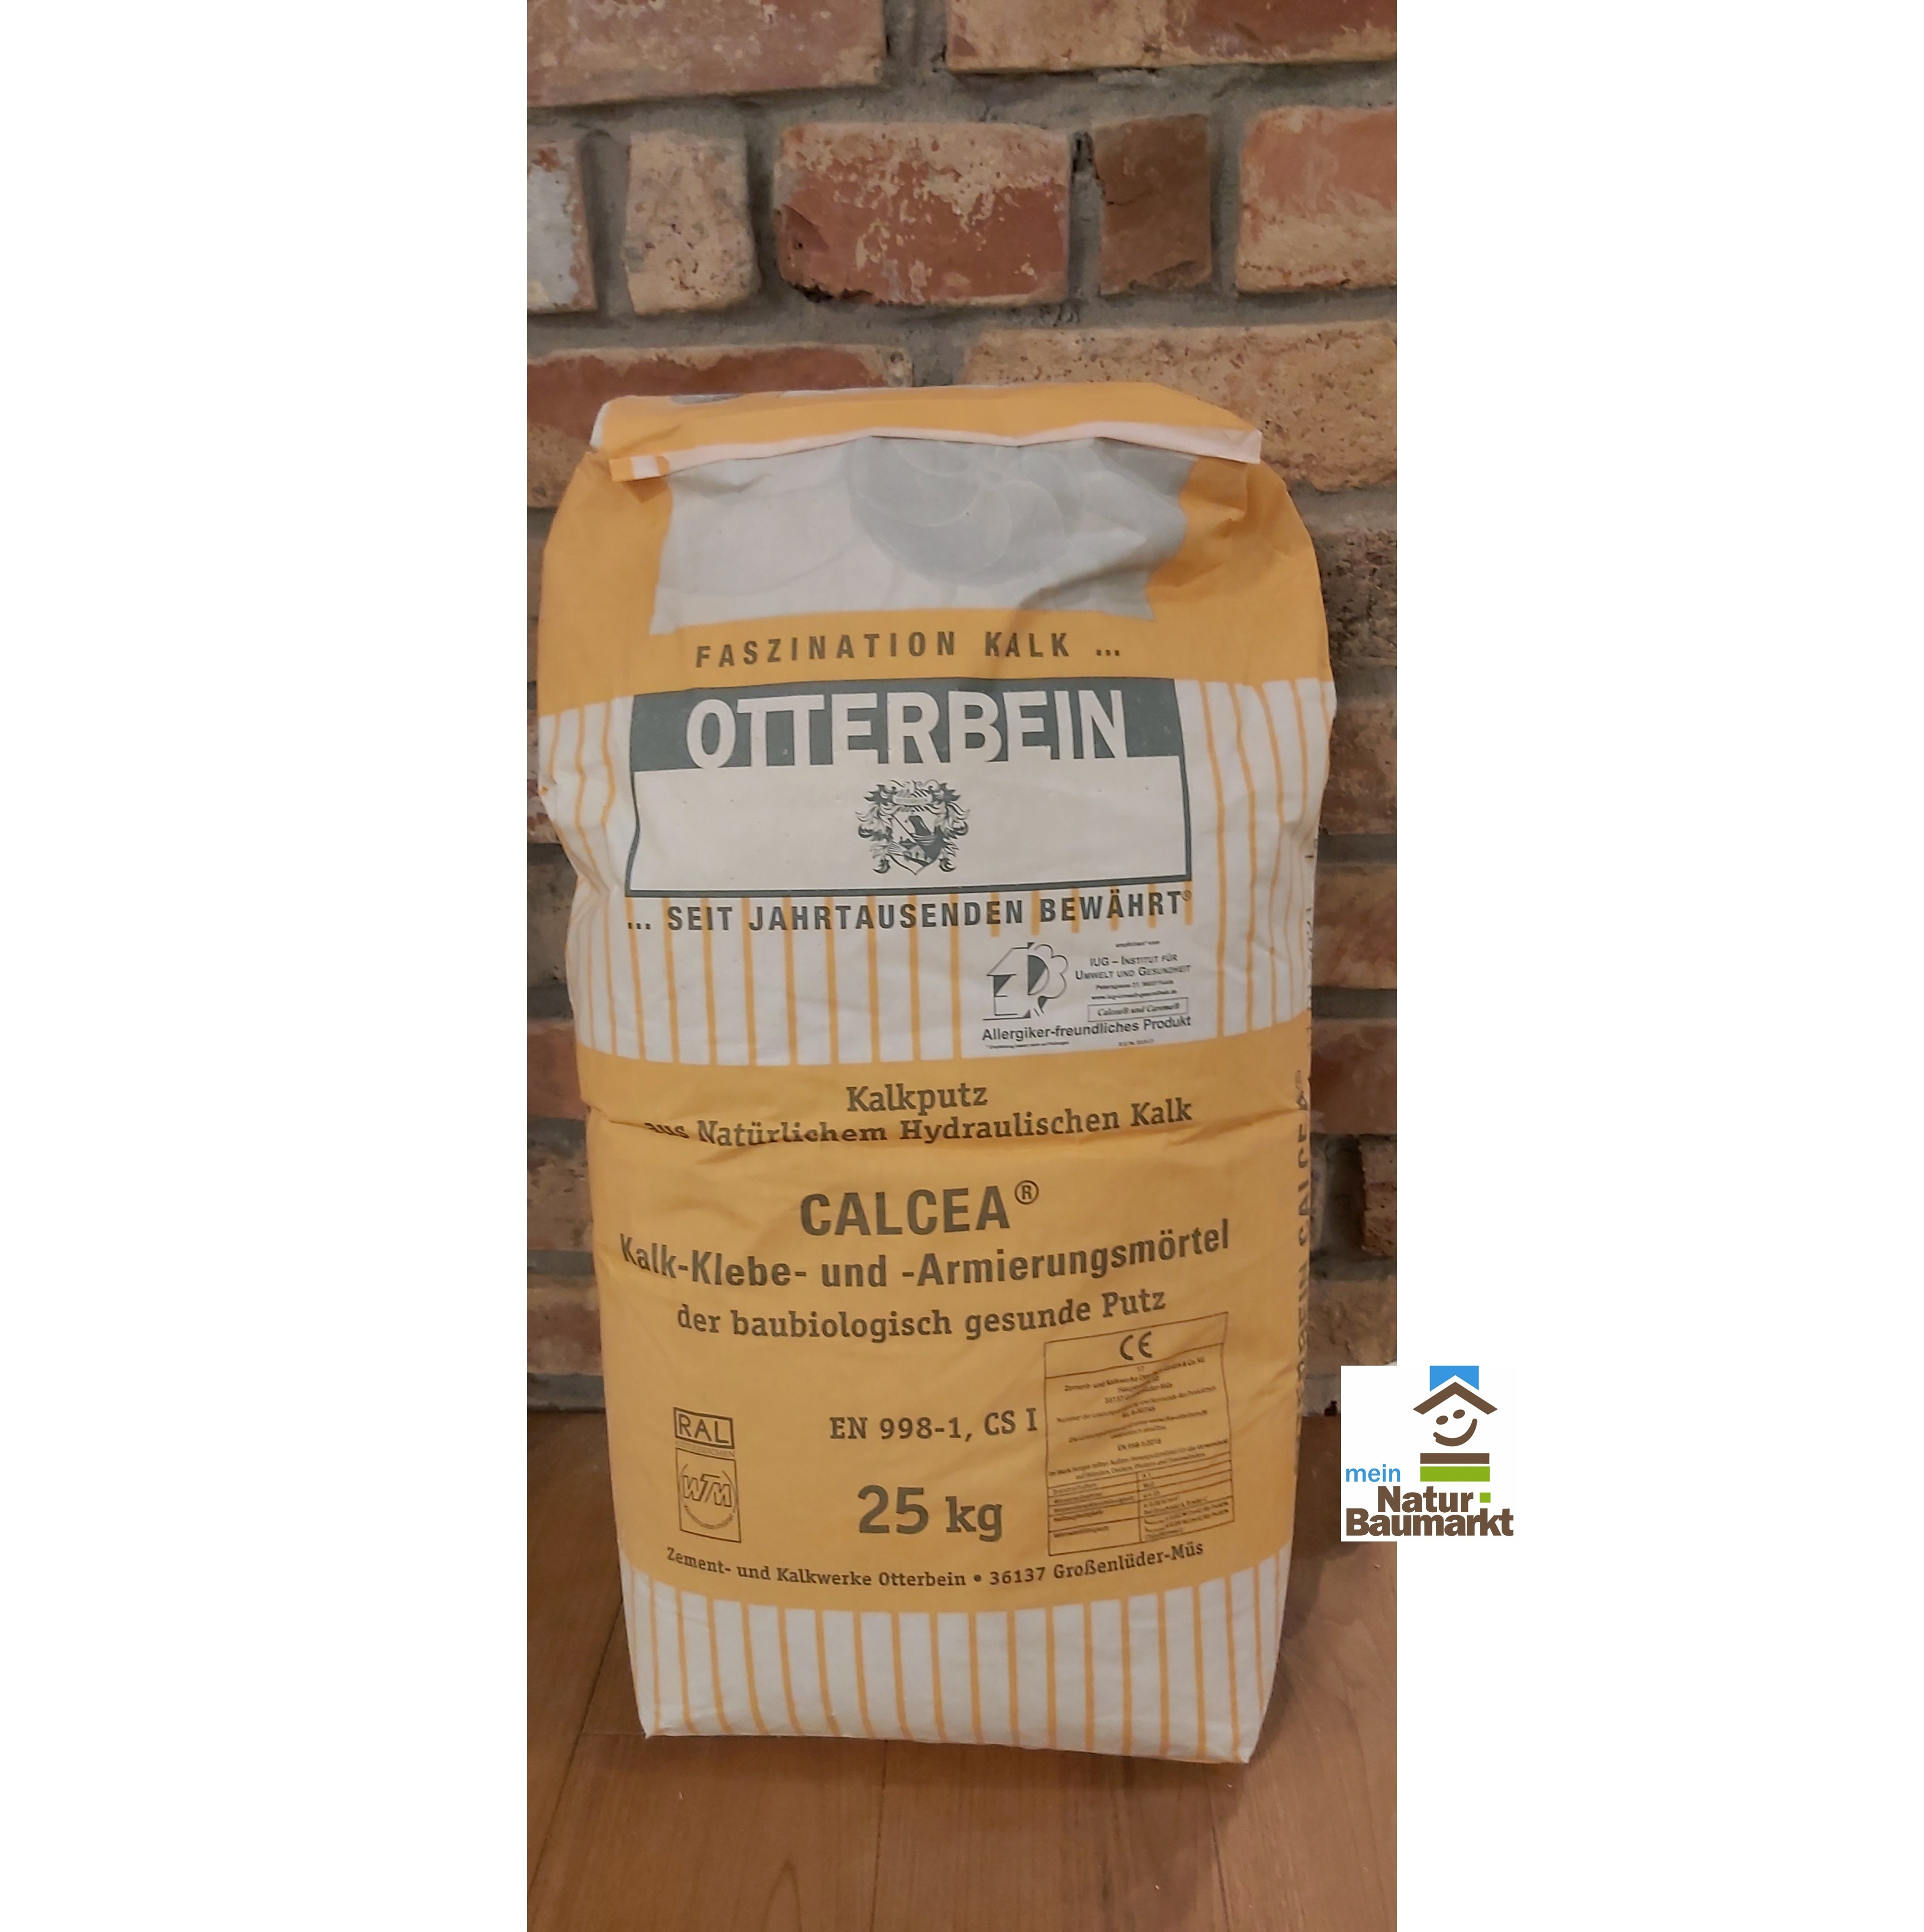 Otterbein CALCEA® Kalk-Klebe- und -Armierungsmörtel, 25 kg Sack